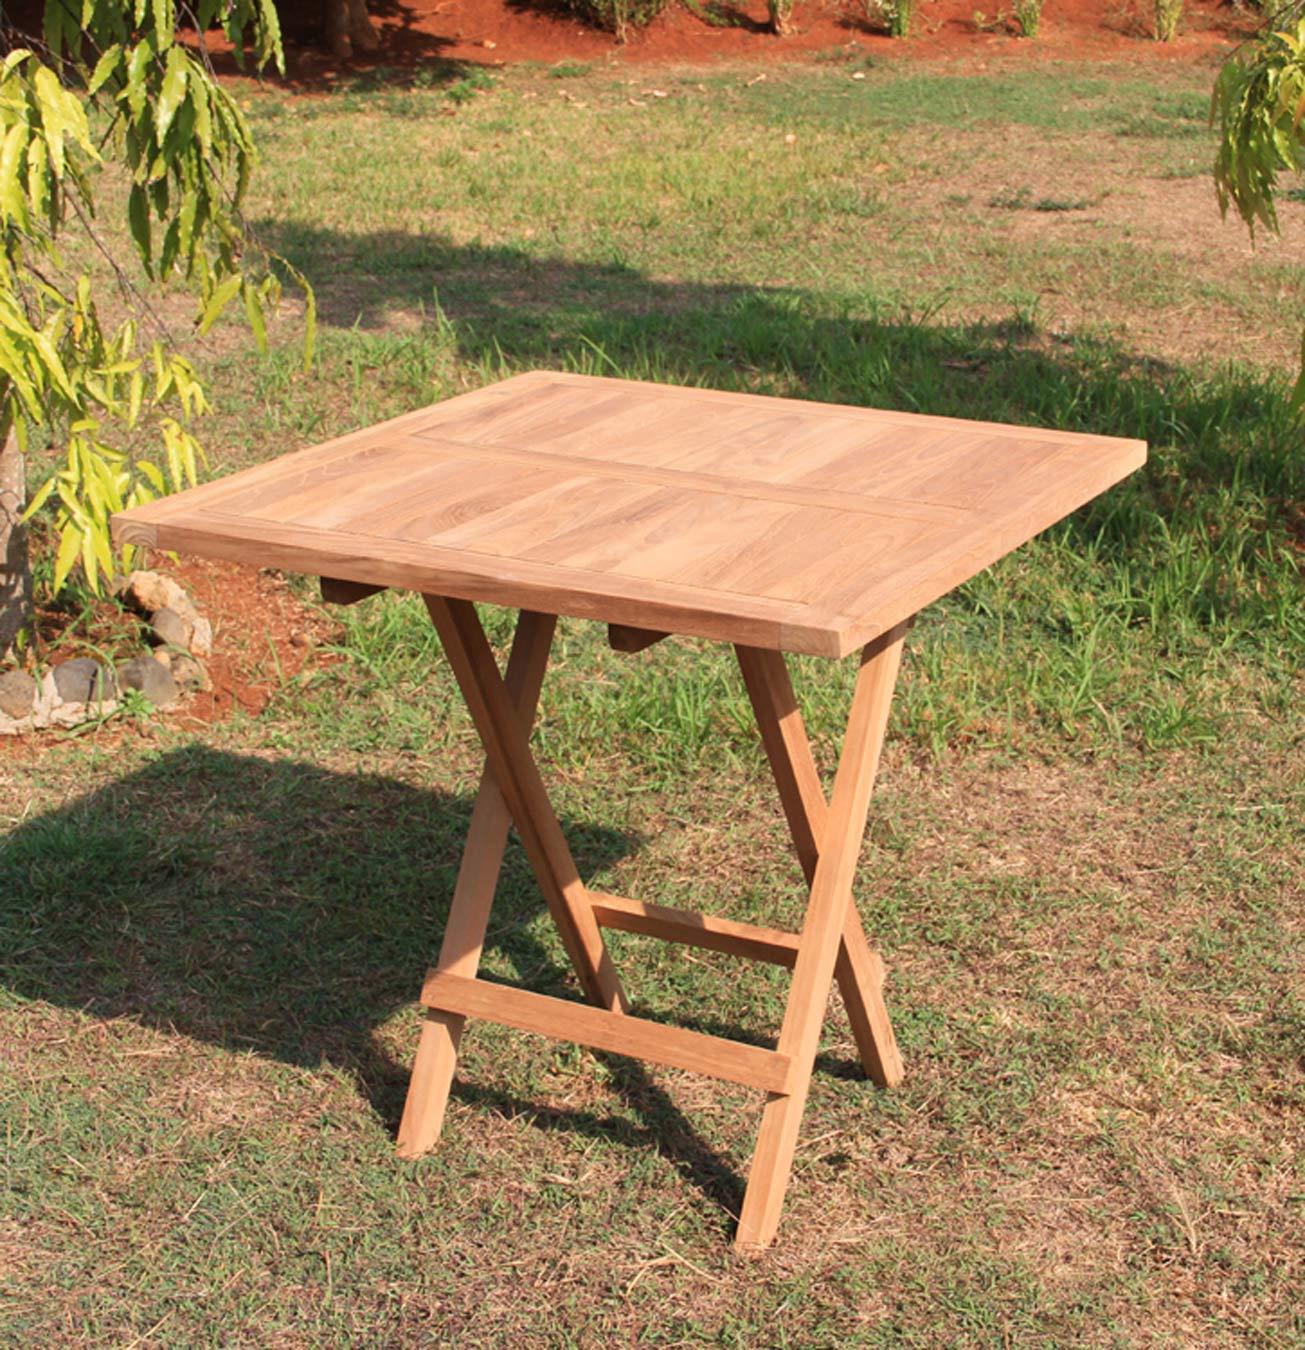 Klapptisch Gartentisch.Klapptisch Gartentisch 80 X 80 Cm In Premium Teak